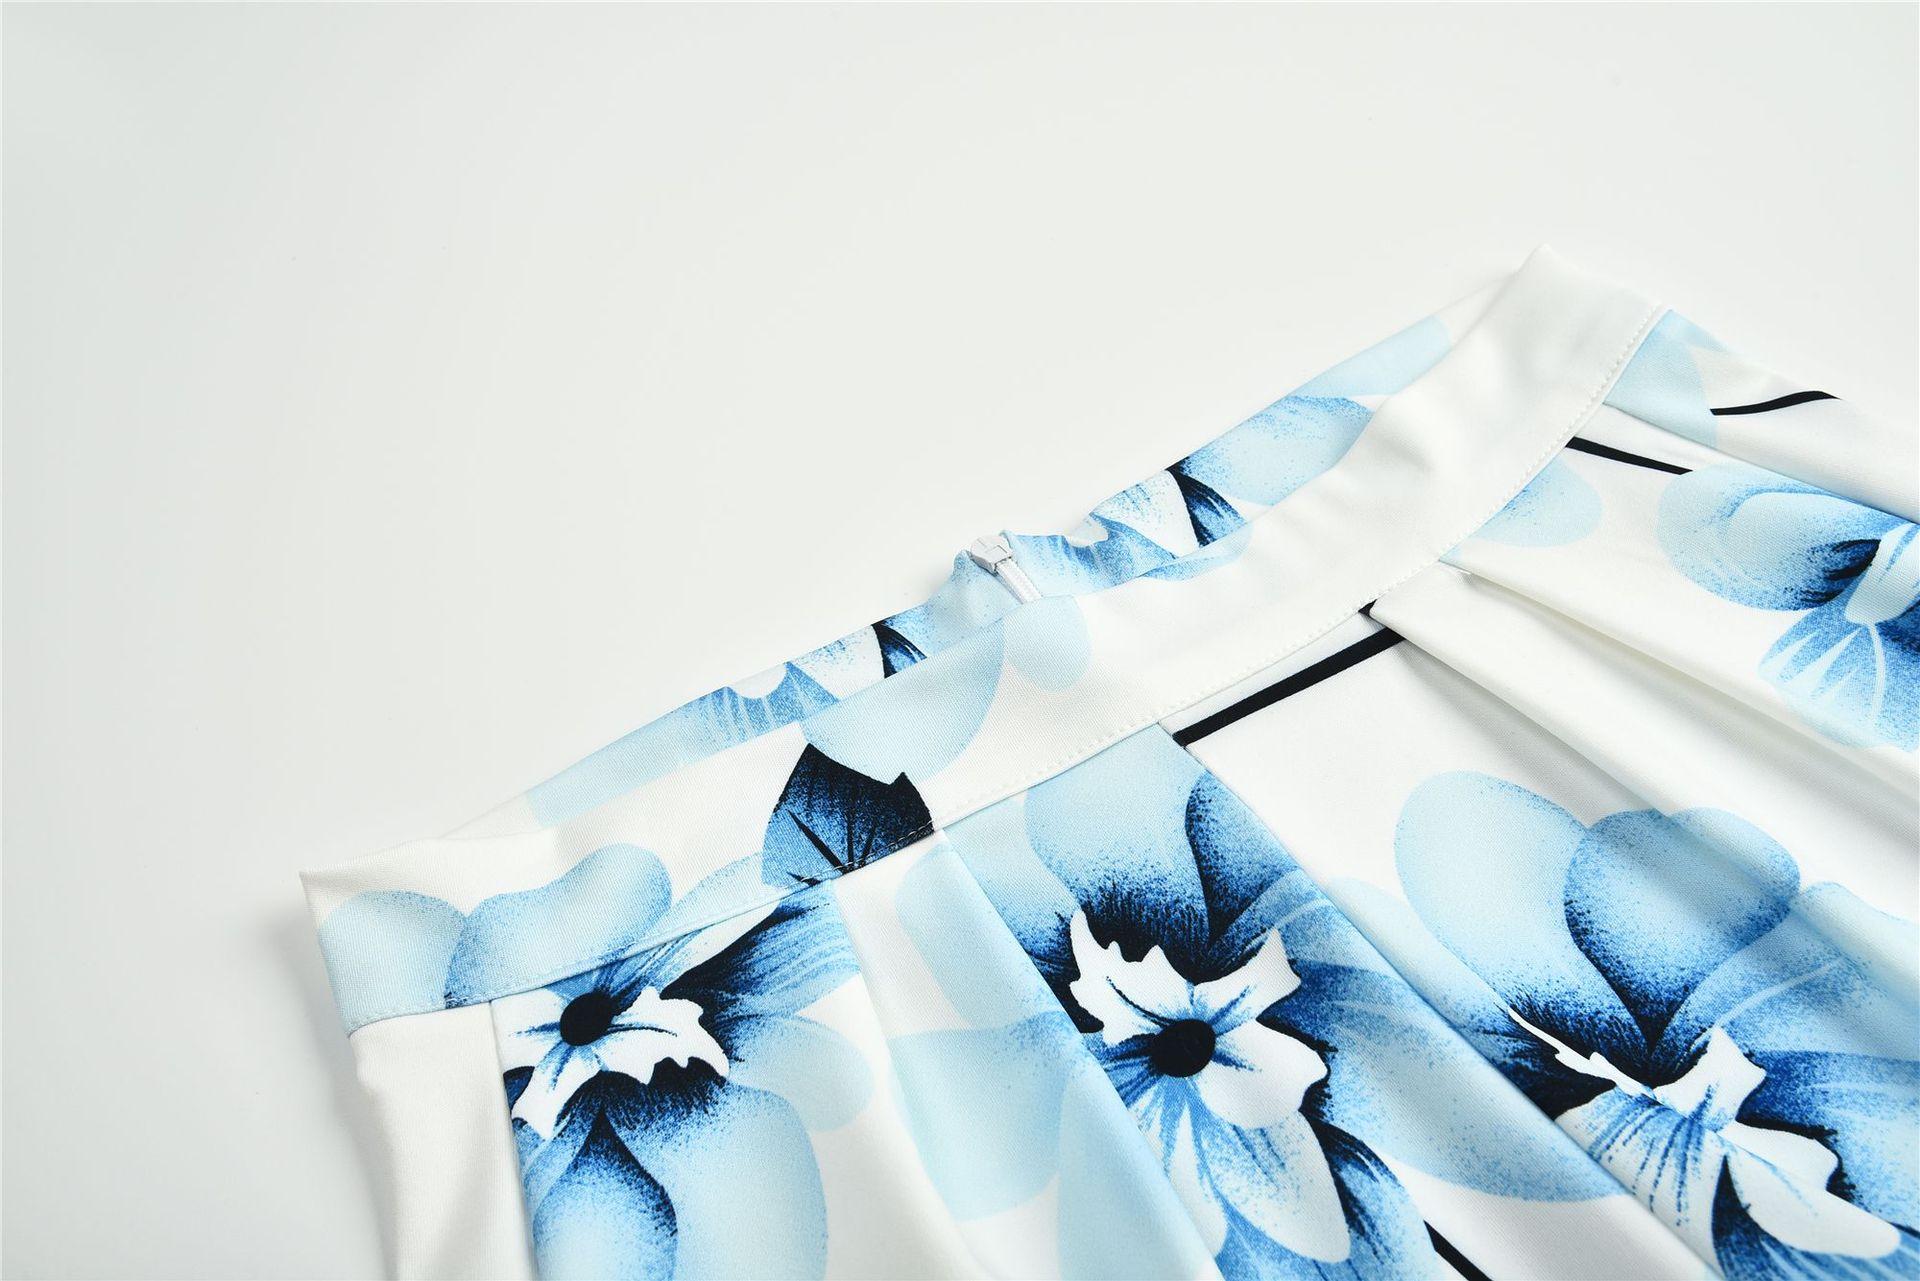 impressão sexy tubo de orvalho umbigo topo shorts outfit